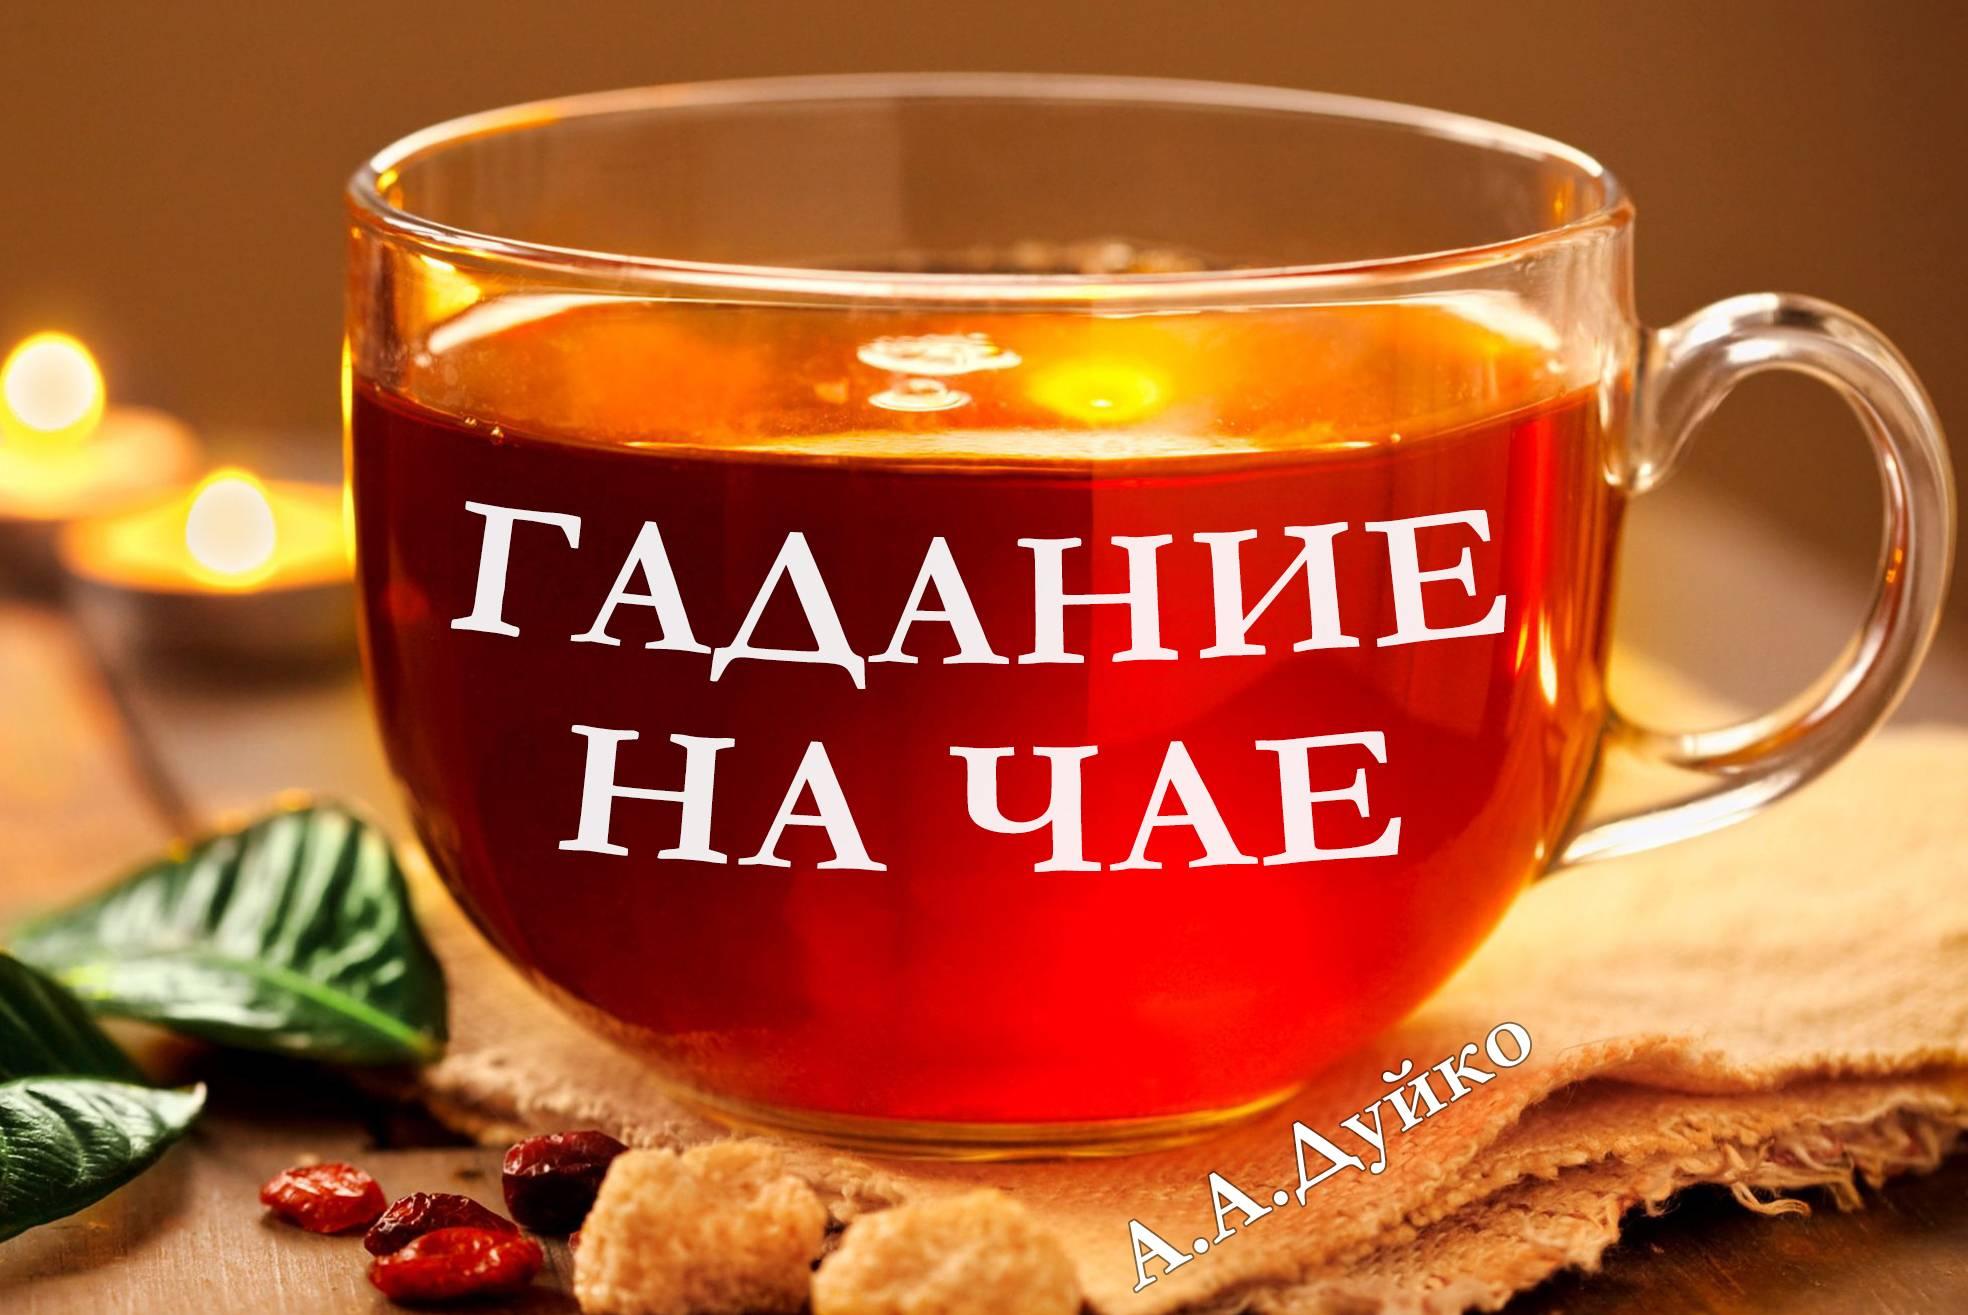 Гадаем дома: как гадать на чае. гадание на чае — разновидности, методы и толкования